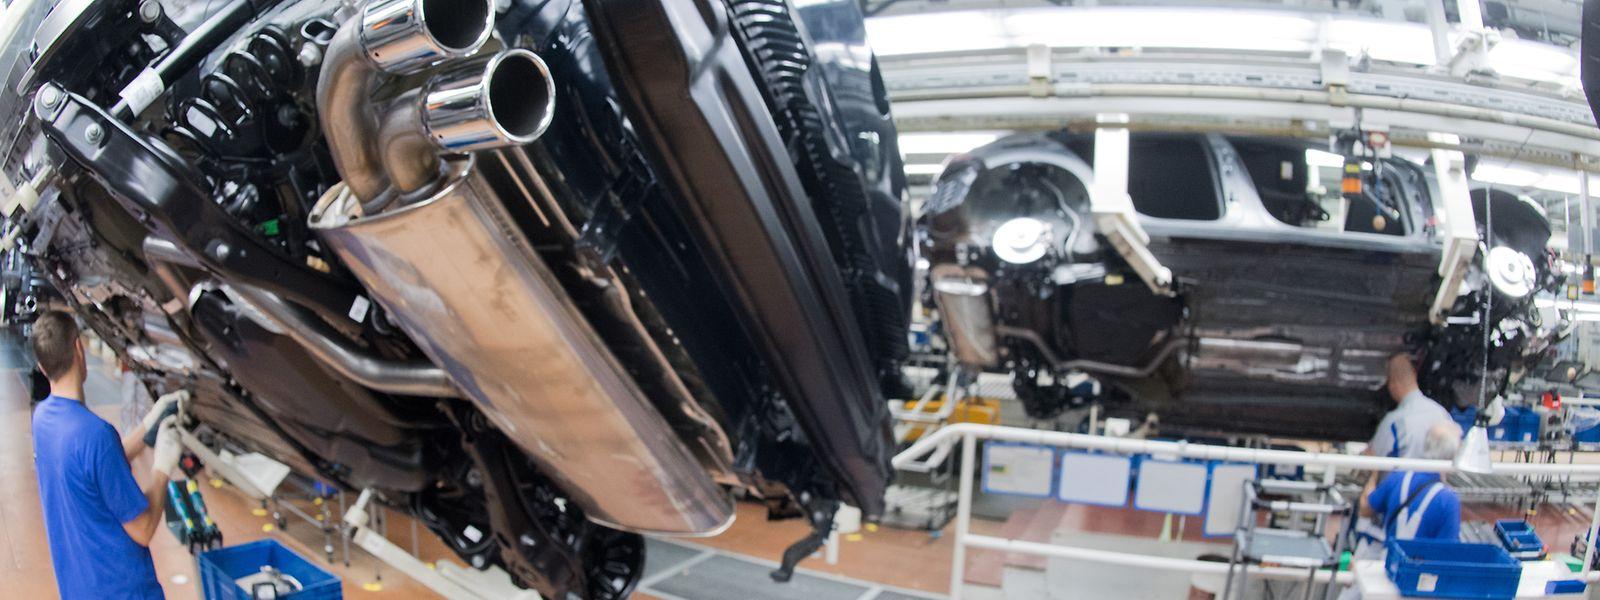 Fertigung im Volkswagen-Werk Wolfsburg: Der Strukturwandel in der Autoindustrie mit der Umstellung auf die Elektromobilität gefährdet nach der Analyse einer Expertenkommission hunderttausende Jobs in der Branche.